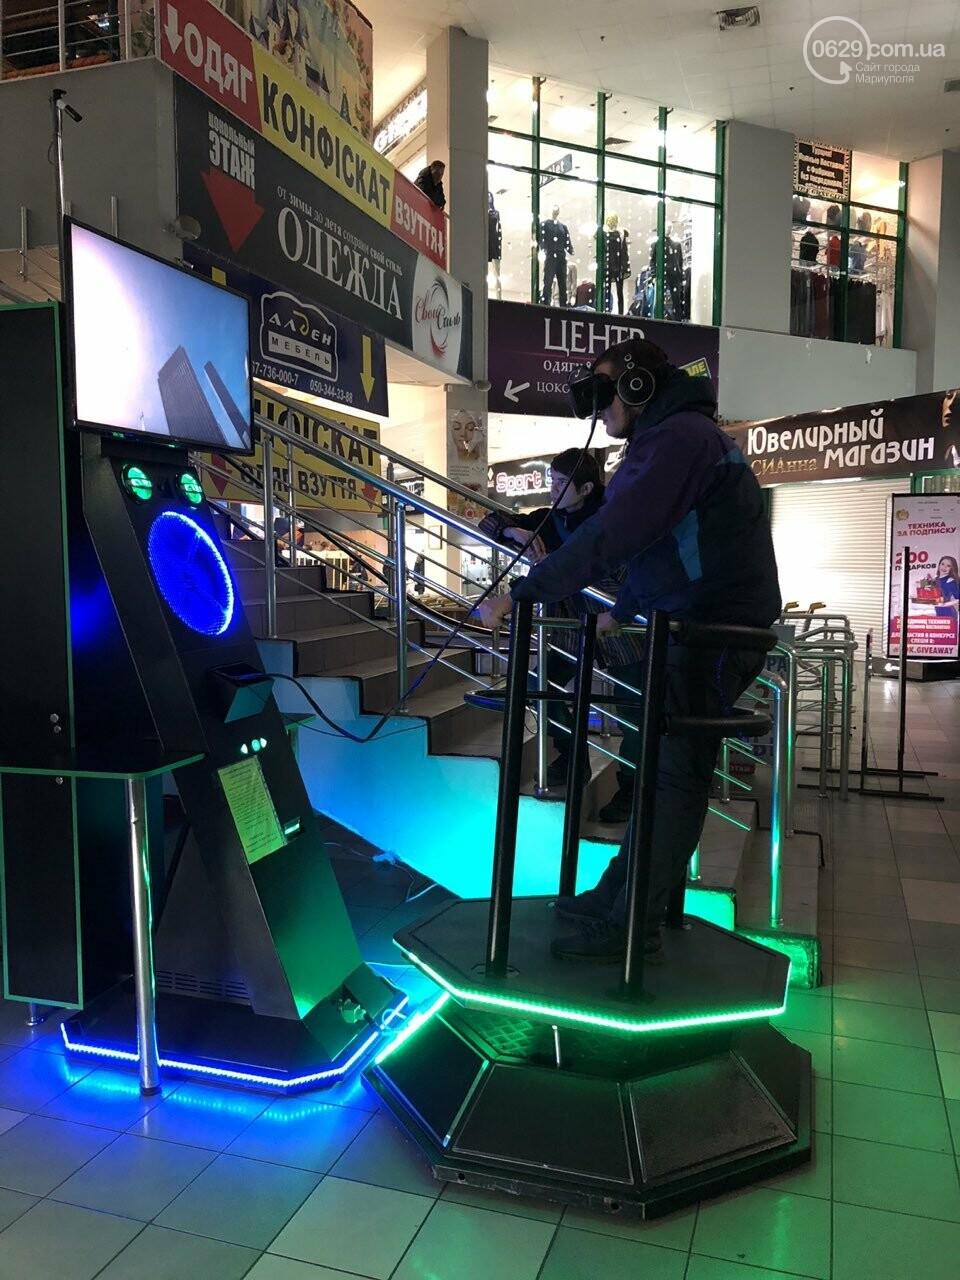 Открытие аттракциона виртуальной реальности «E-MOTION». Сумасшедший драйв в виртуальном мире! , фото-4